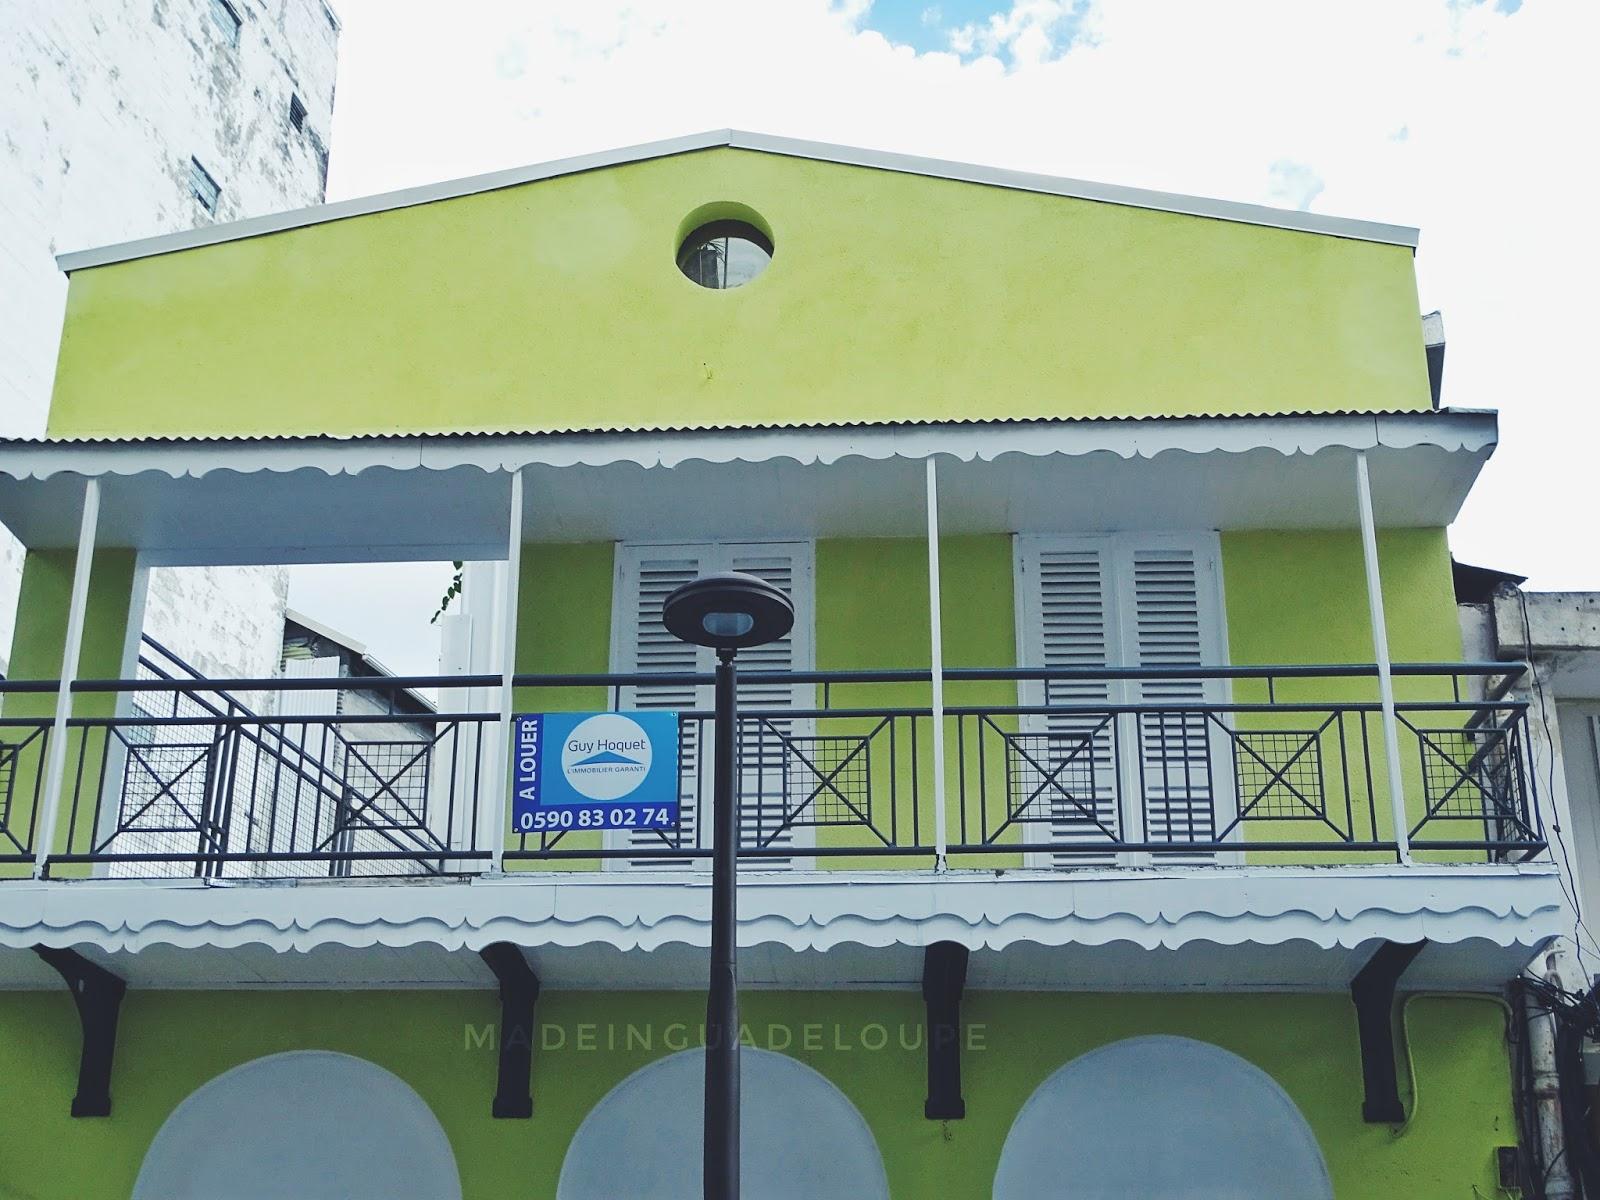 sublime maison de couleur vive jaune renovee - rue frebault pointe a pitre guadeloupe